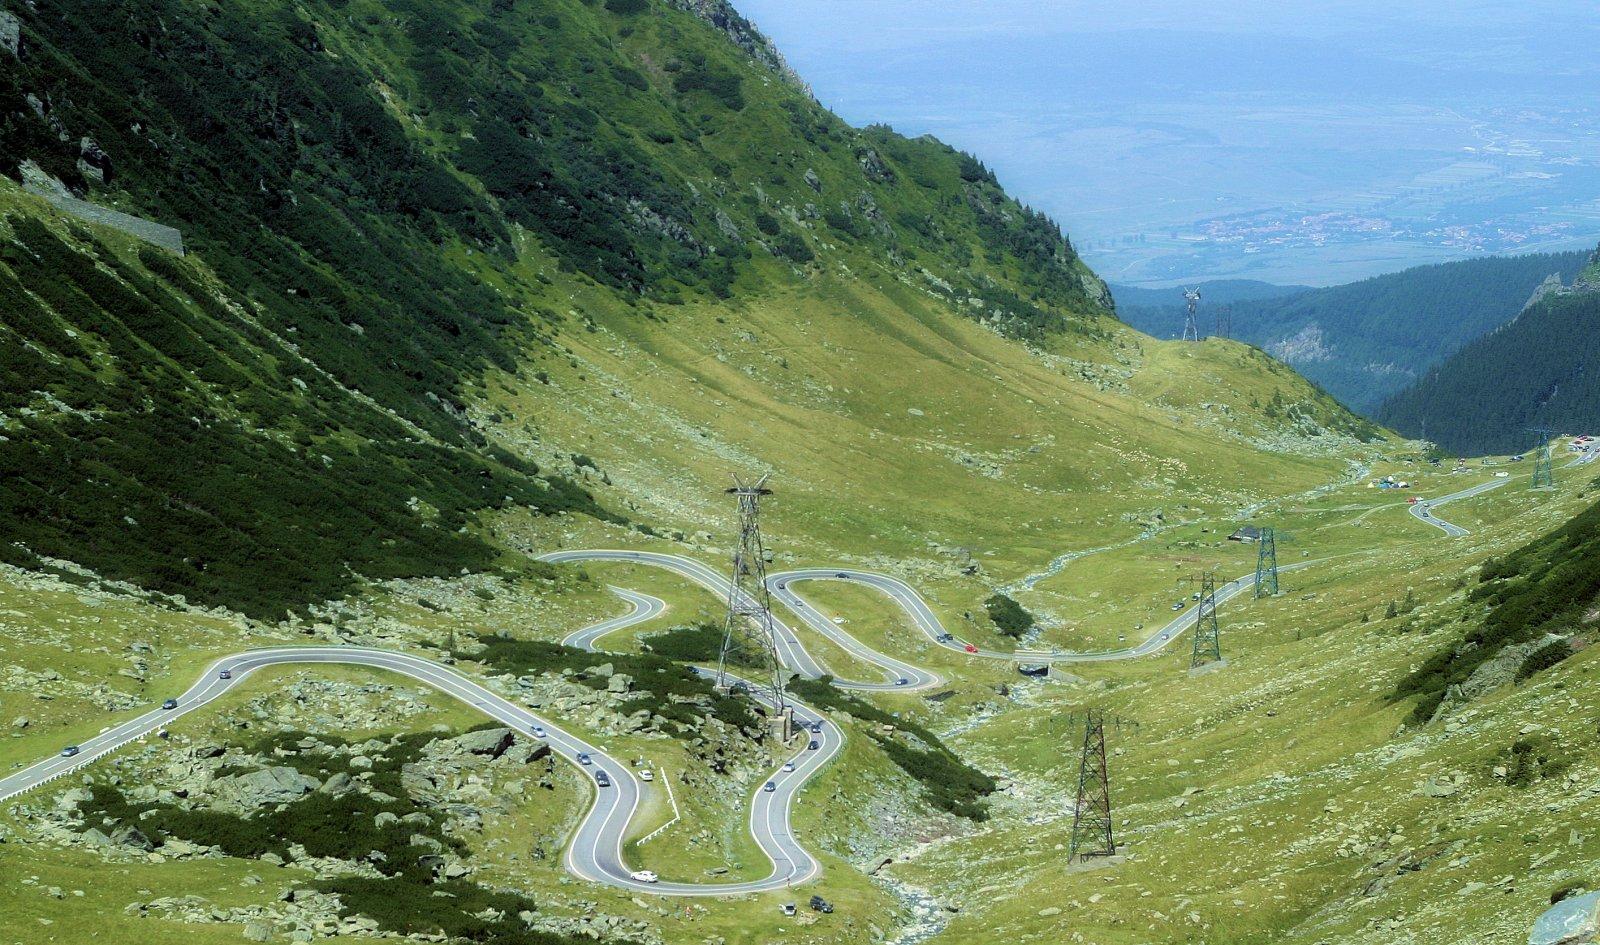 Трансфэгэрэшанское шоссе — высокогорное озеро Видрару — монастырь Куртя де Арджеш